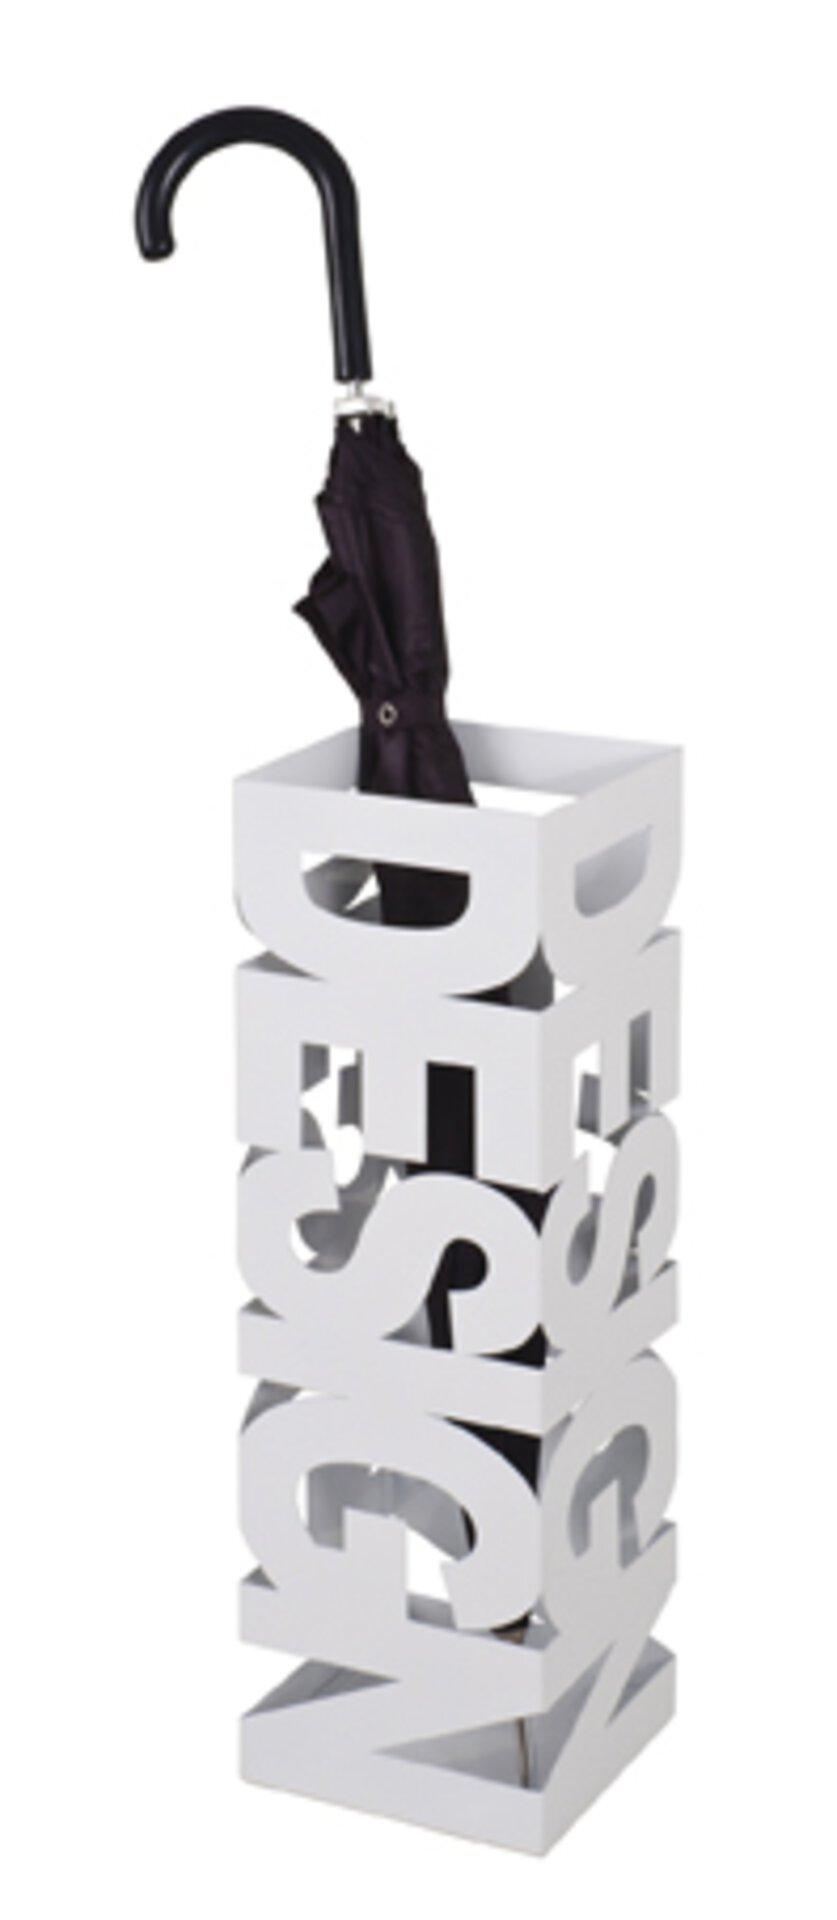 Schirmständer POP inbuy Metall 16 x 48 x 16 cm